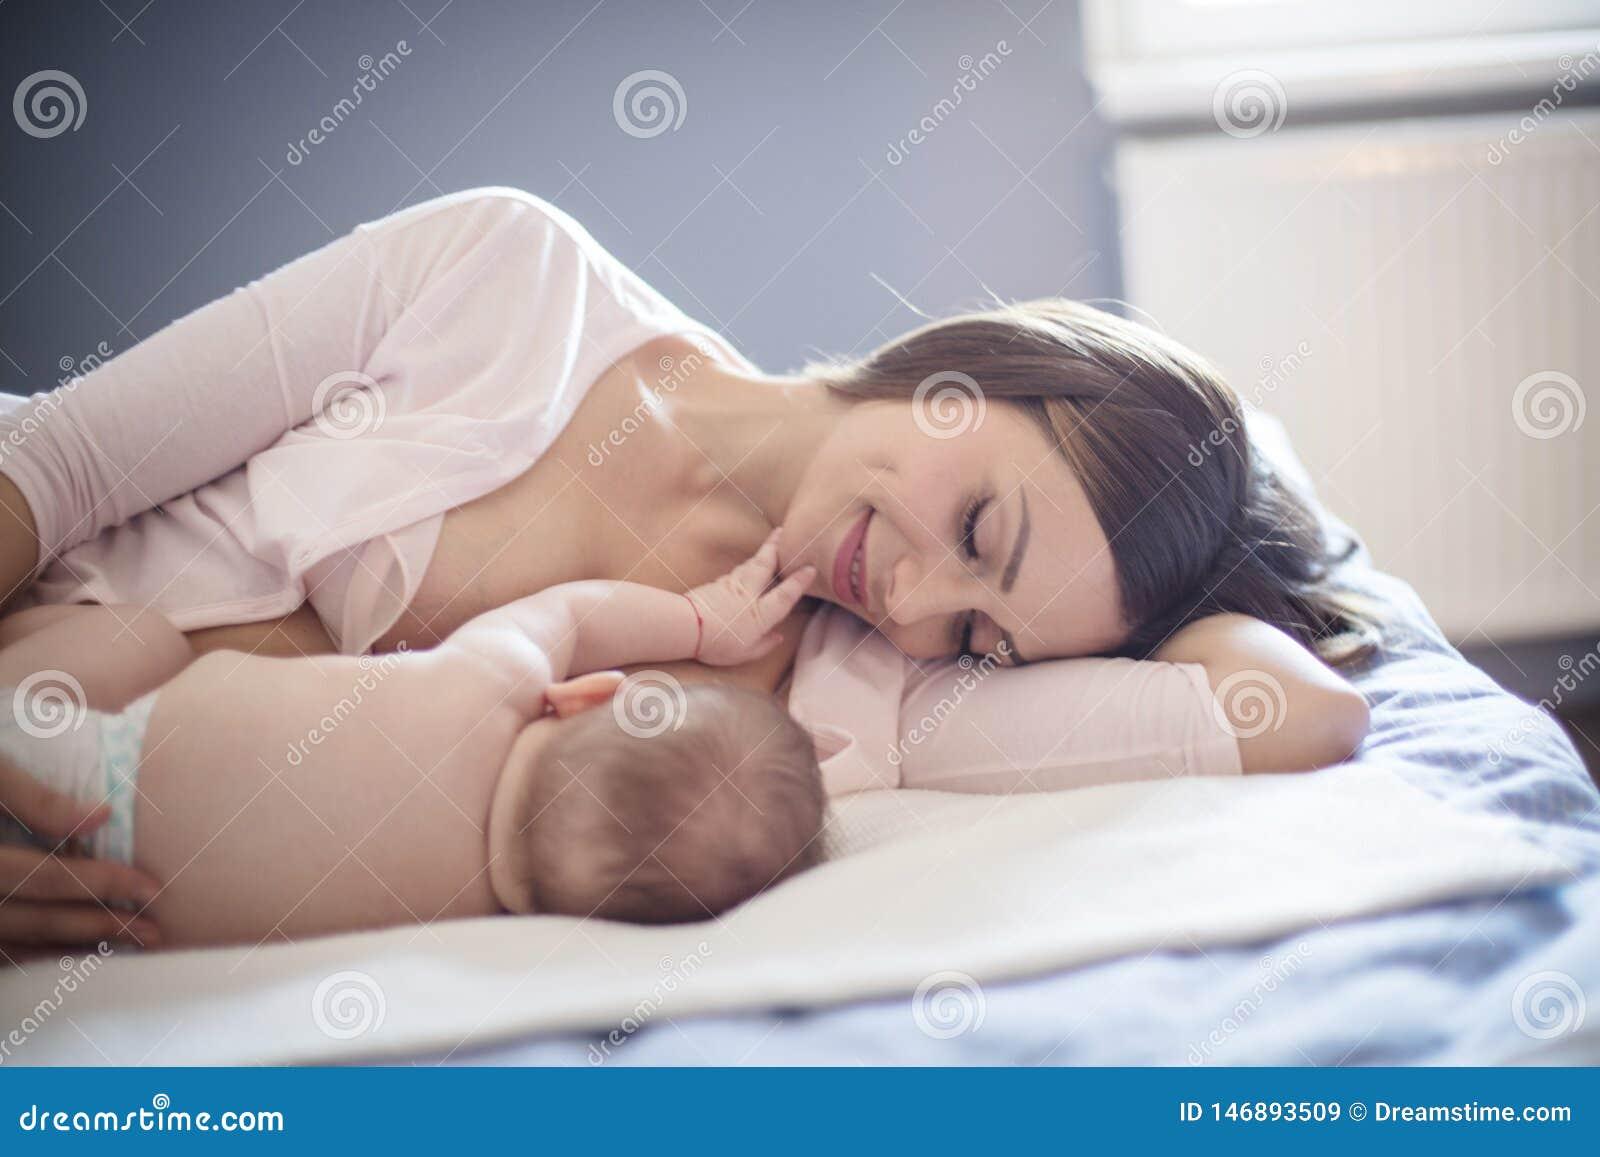 Мама знает что самые лучшие для ее младенца